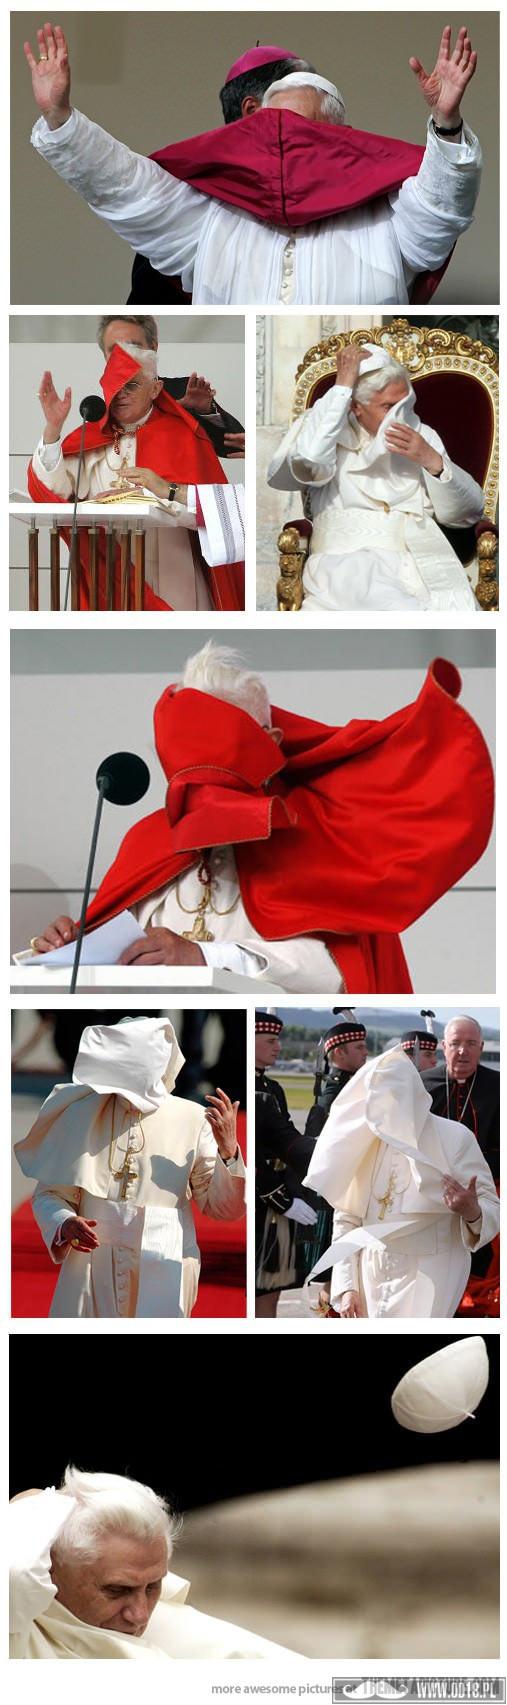 papież vs wiatr